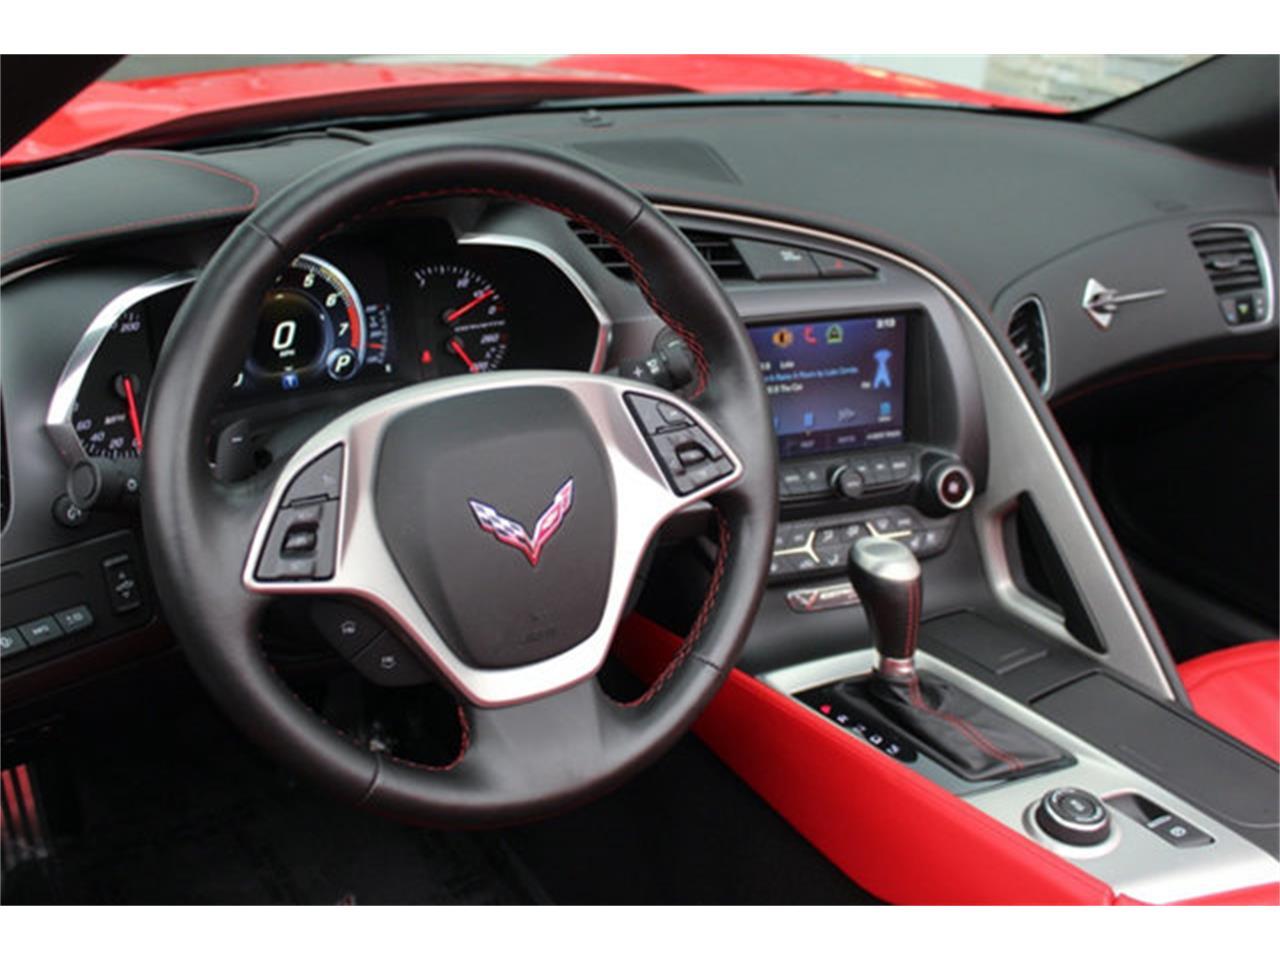 2014 Chevrolet Corvette (CC-1321698) for sale in Clifton Park, New York